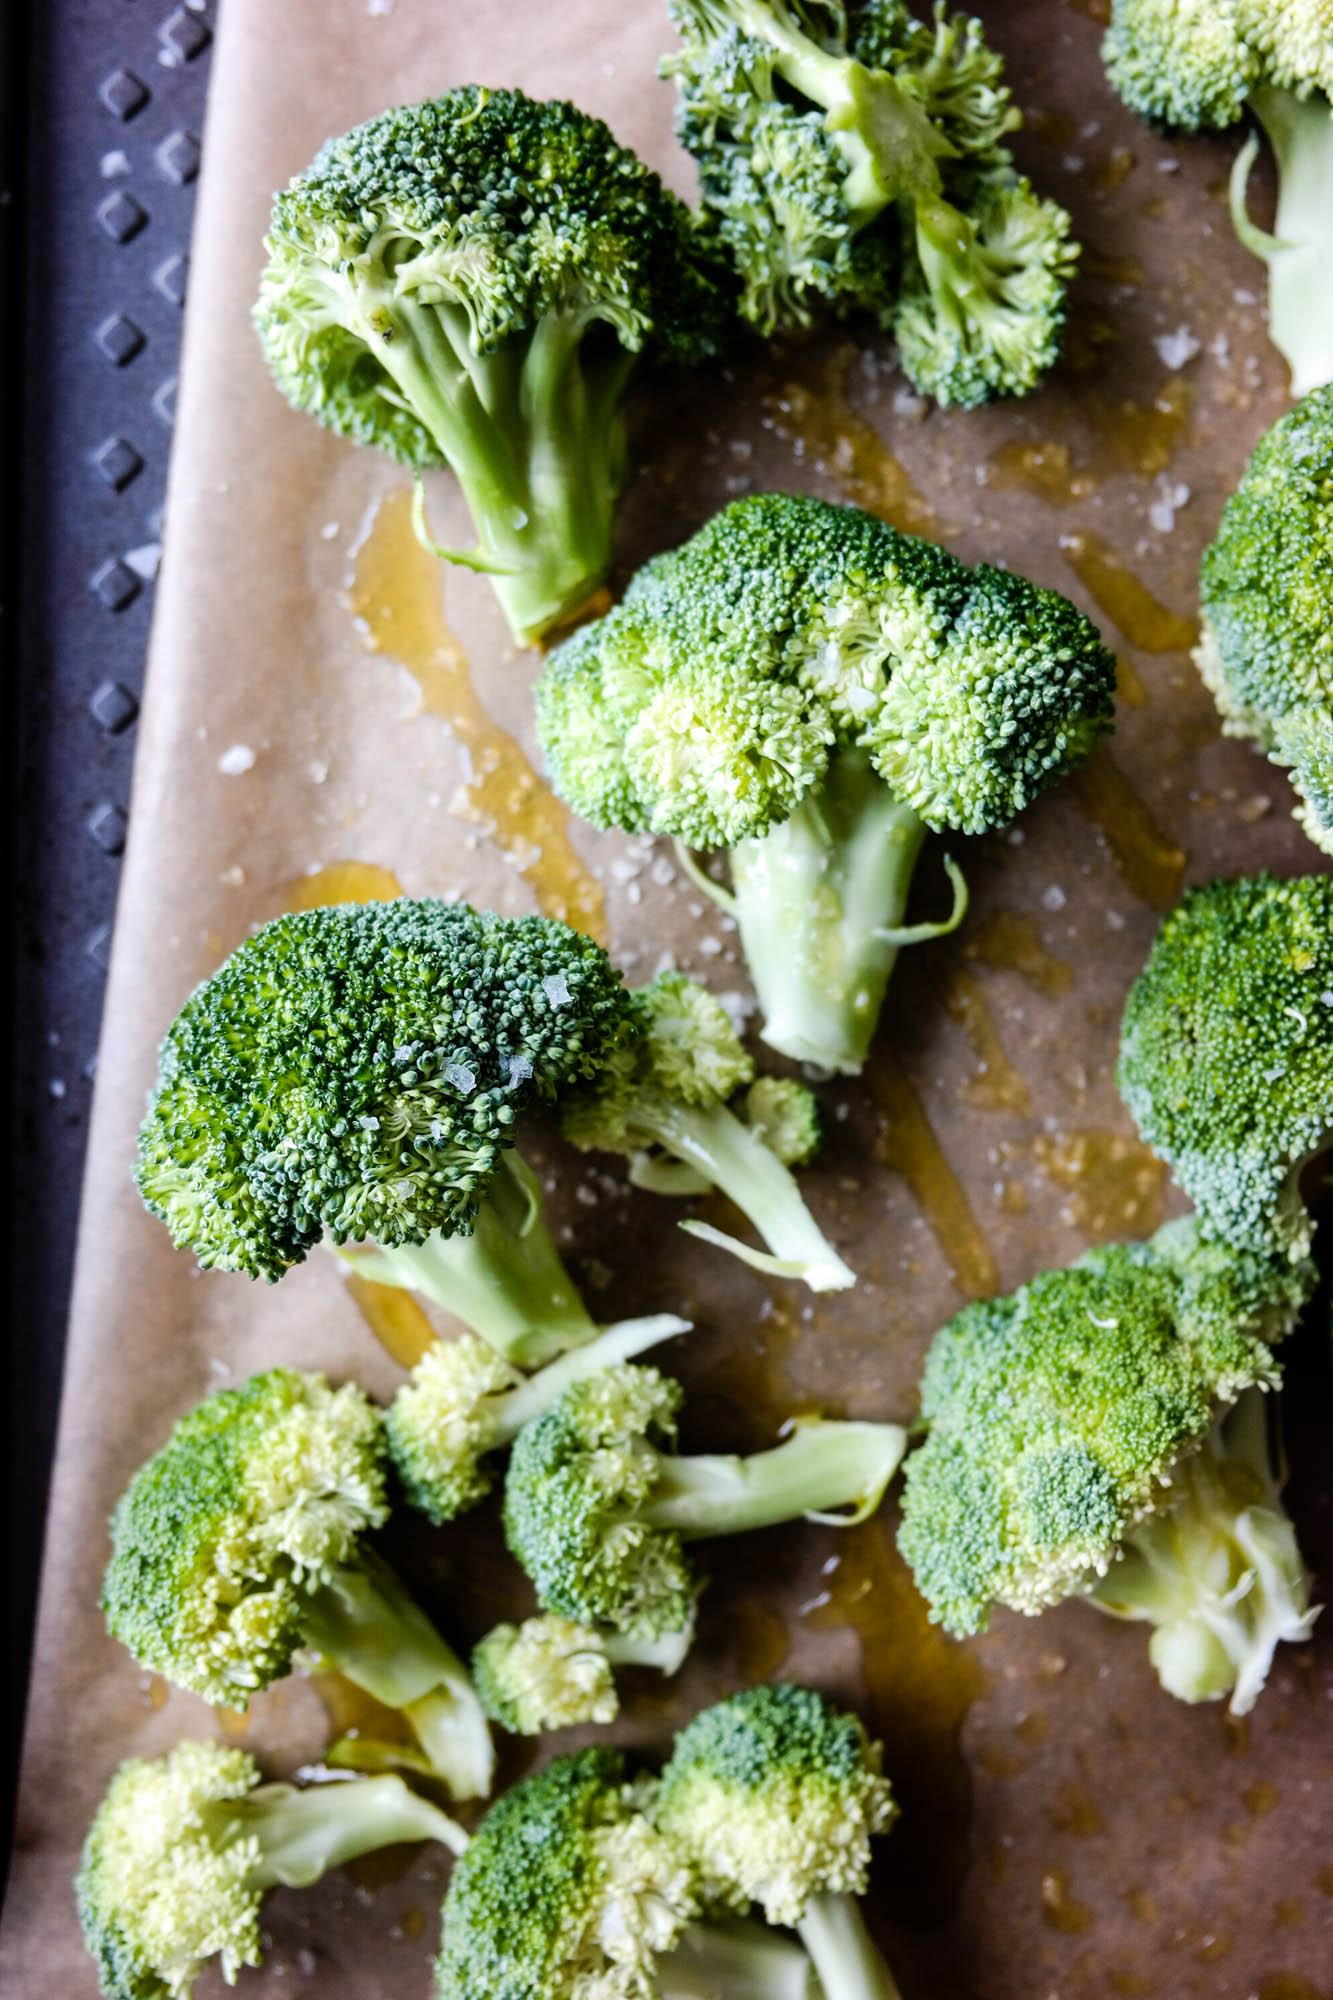 Ikke kast mat! Alt kan brukes. I mine restefest-oppskrifter får du følge meg steg for steg når jeg bruker det jeg har til å lage middag.